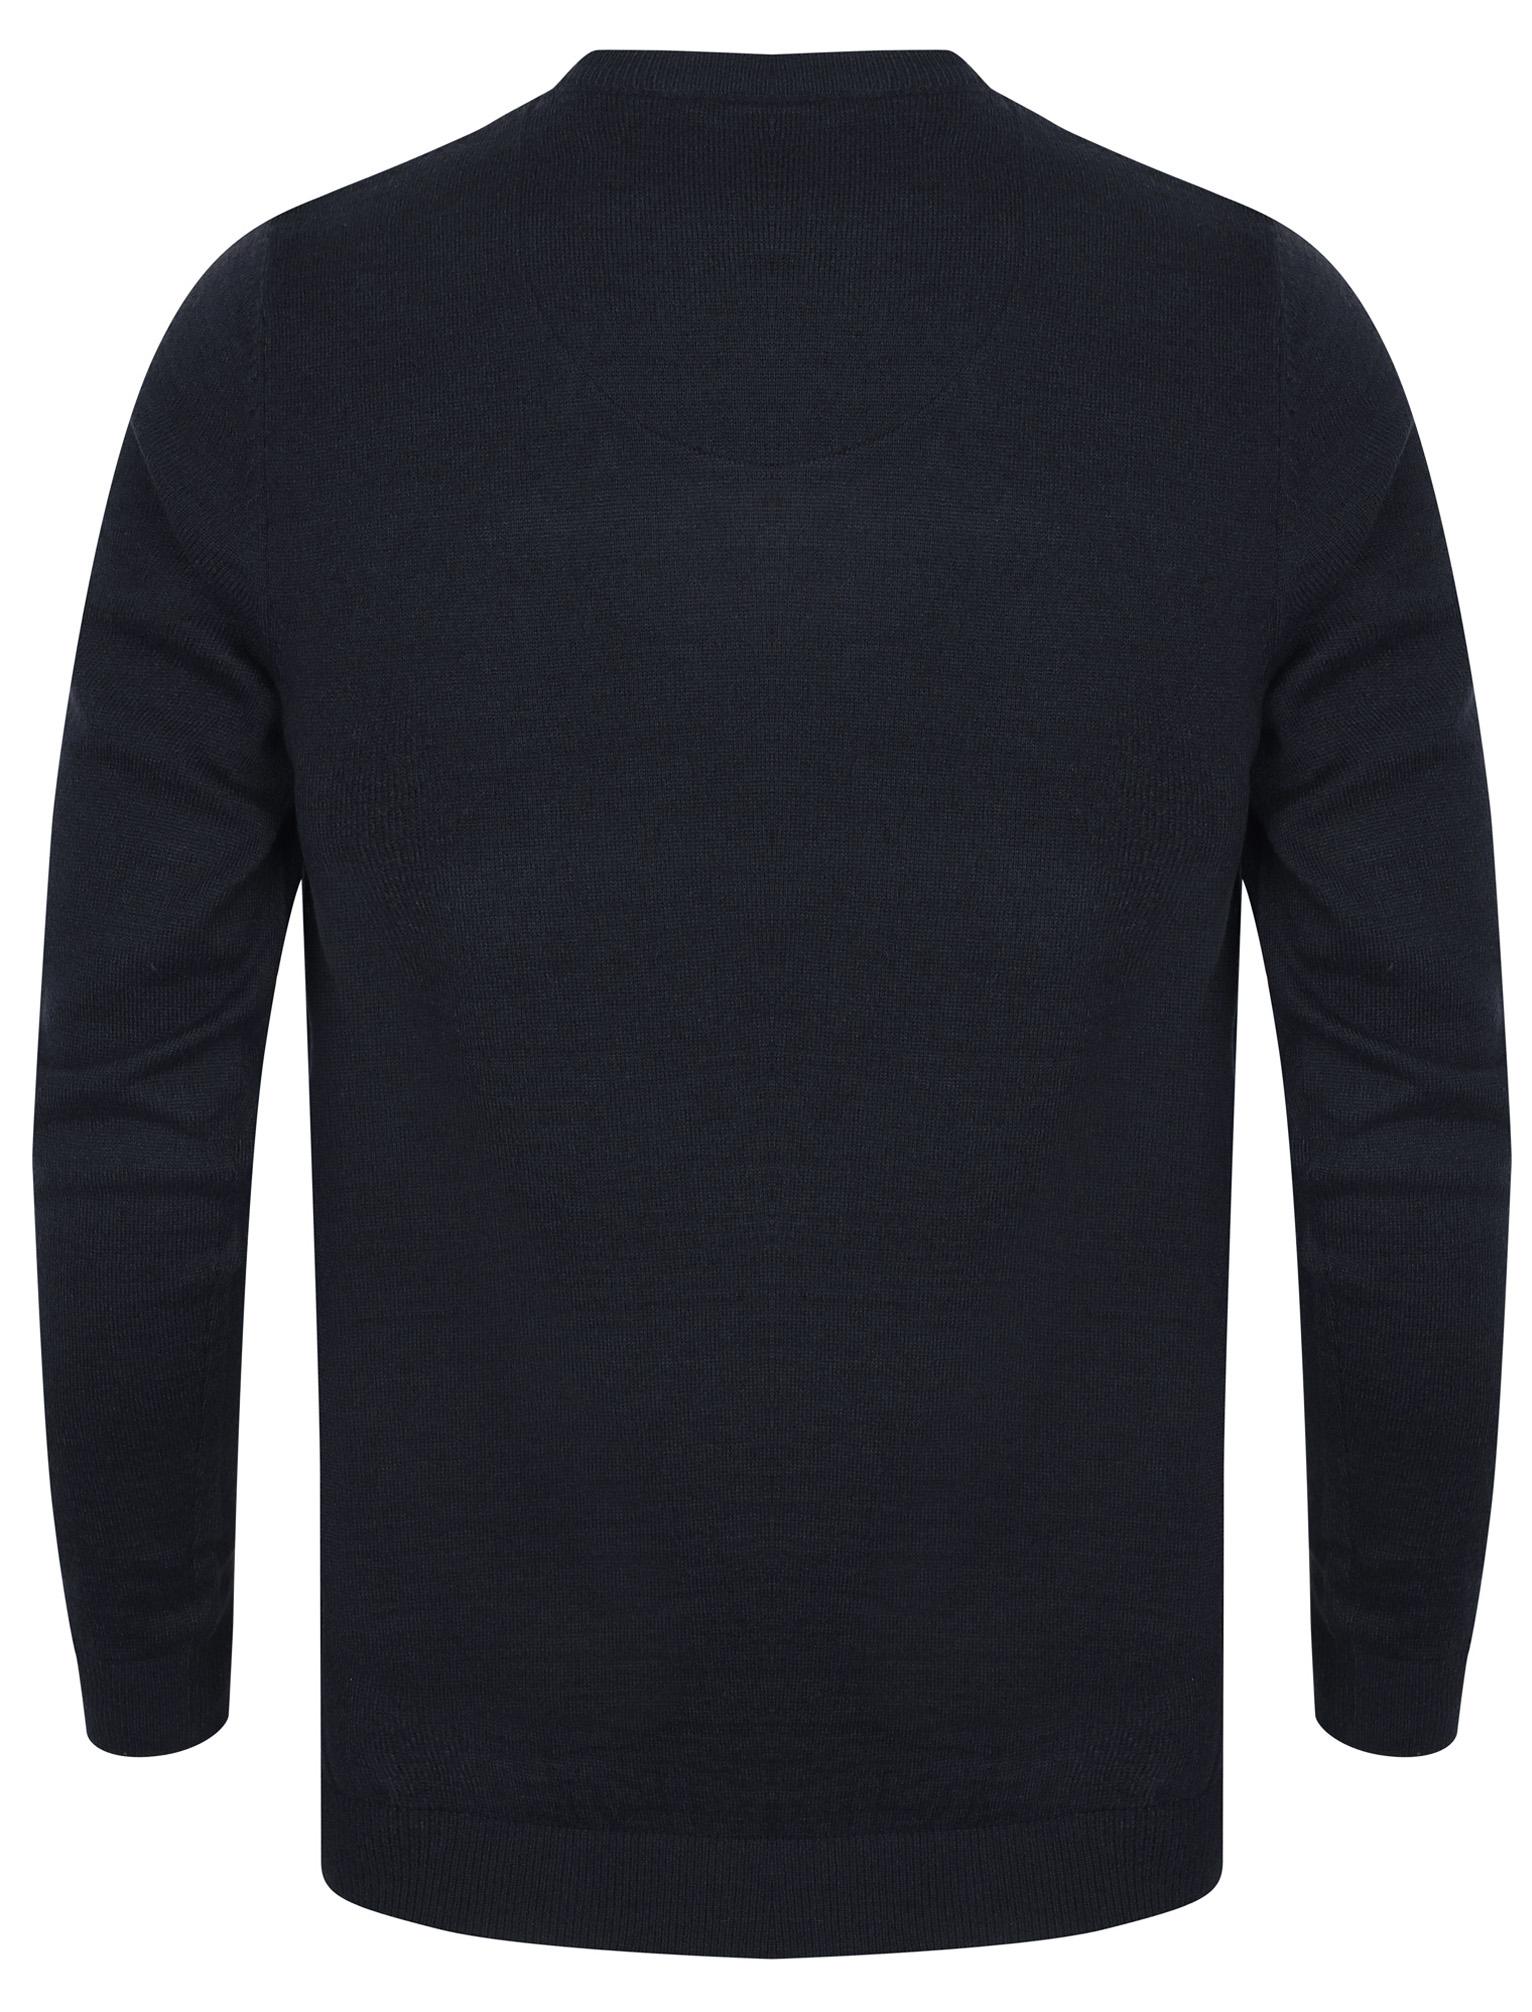 Kensington-Eastside-Men-039-s-Knitted-Crew-or-V-Neck-Jumper-Sweater-Top-Pullover thumbnail 3